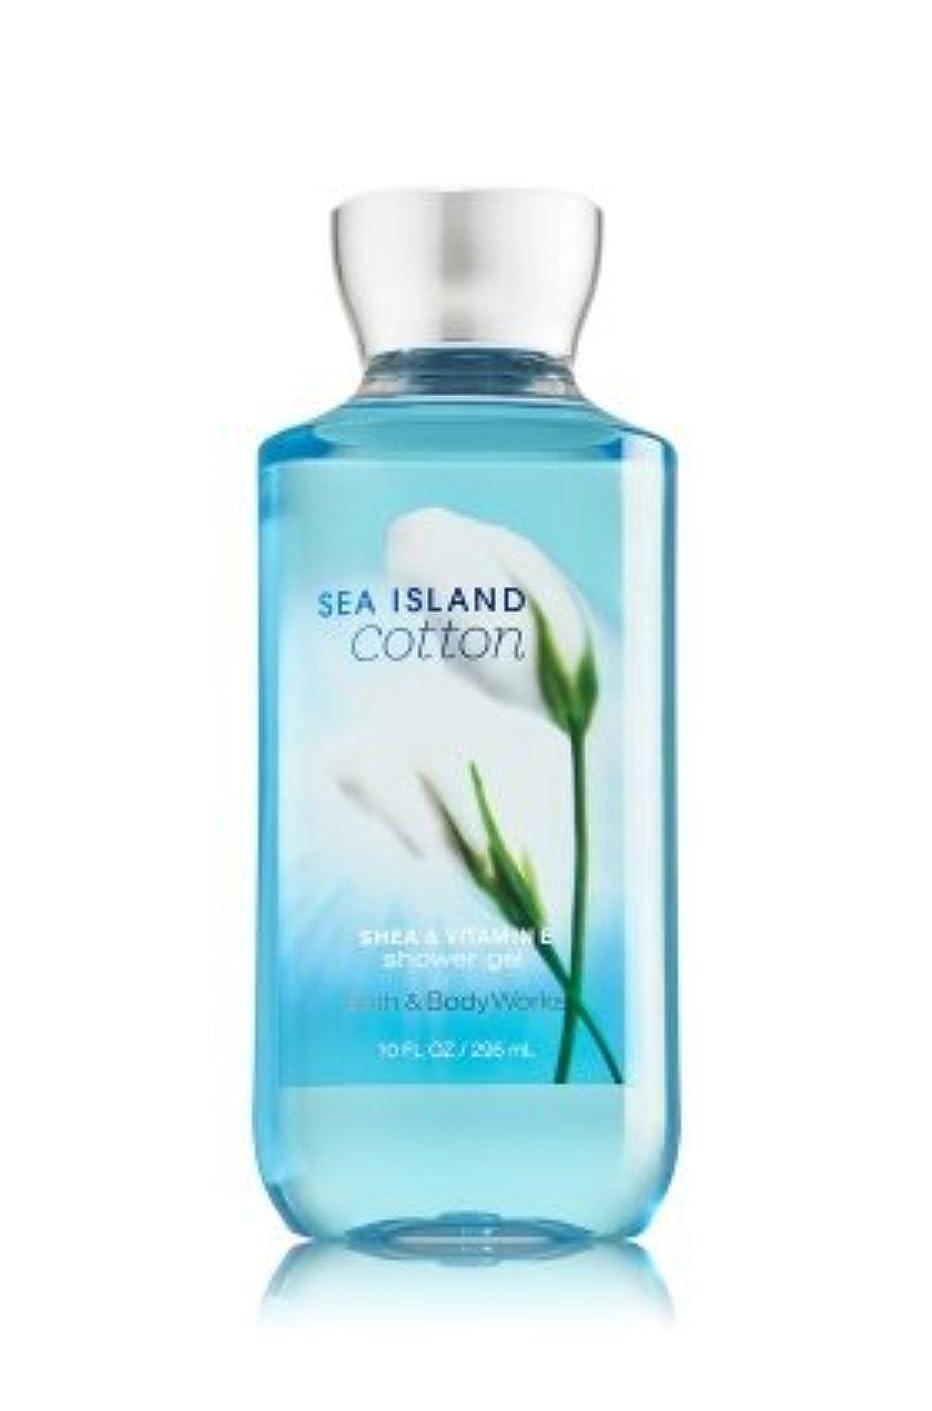 アクティビティ独占アラーム【Bath&Body Works/バス&ボディワークス】 シャワージェル シーアイランドコットン Shower Gel Sea Island Cotton 10 fl oz / 295 mL [並行輸入品]